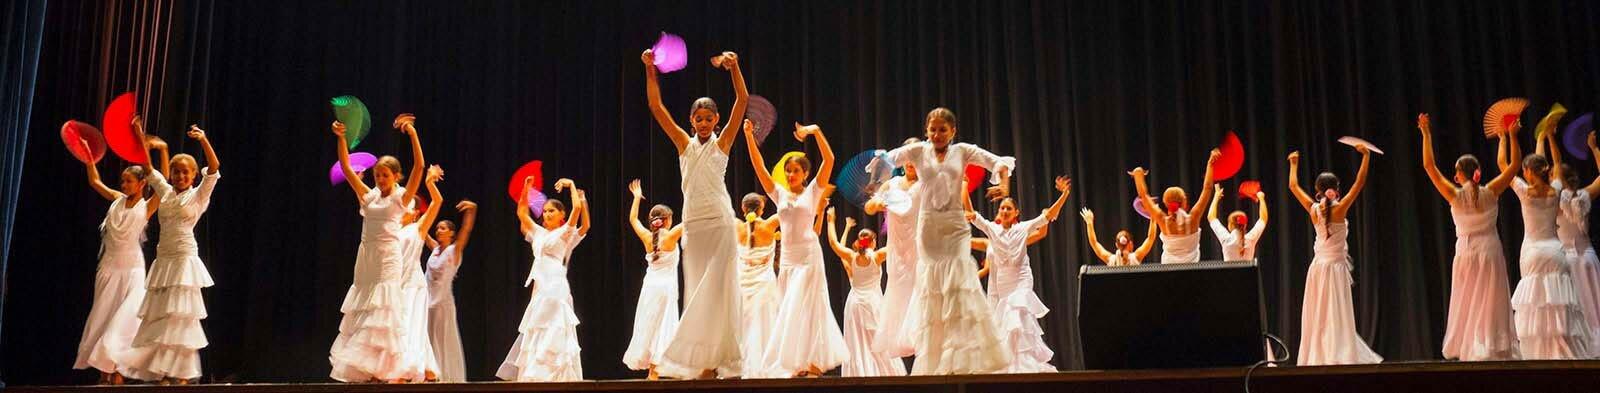 Spanish dance company in Havana / Cuba